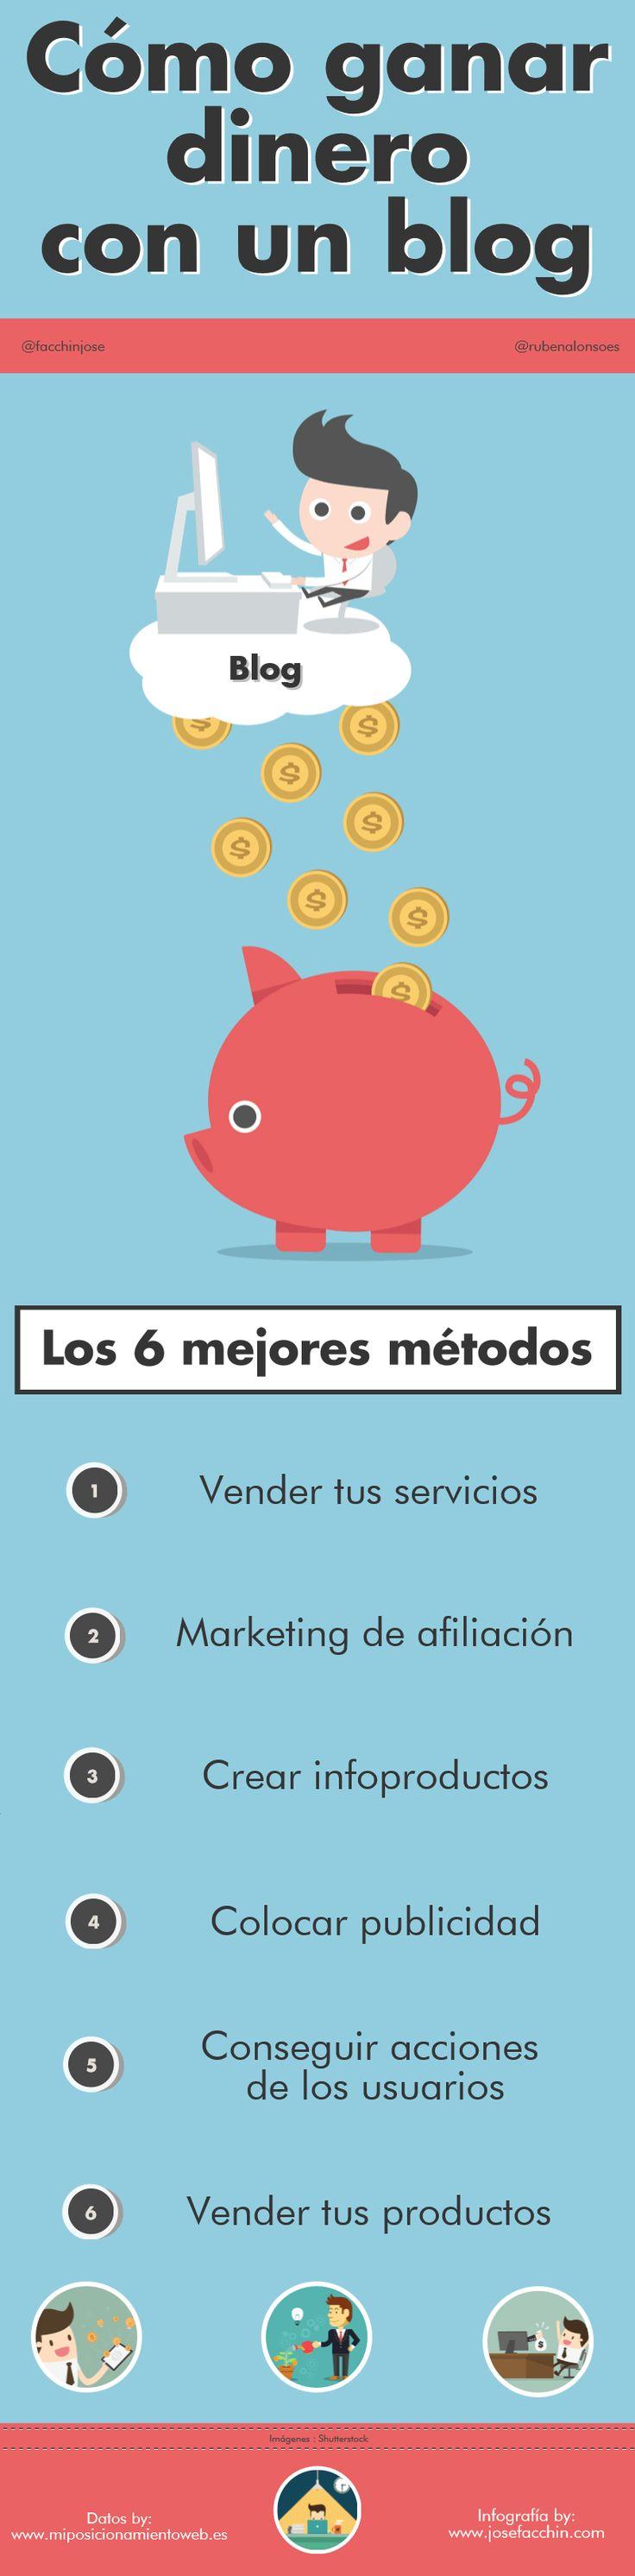 ¿Cómo ganar dinero con un blog? #Infografía